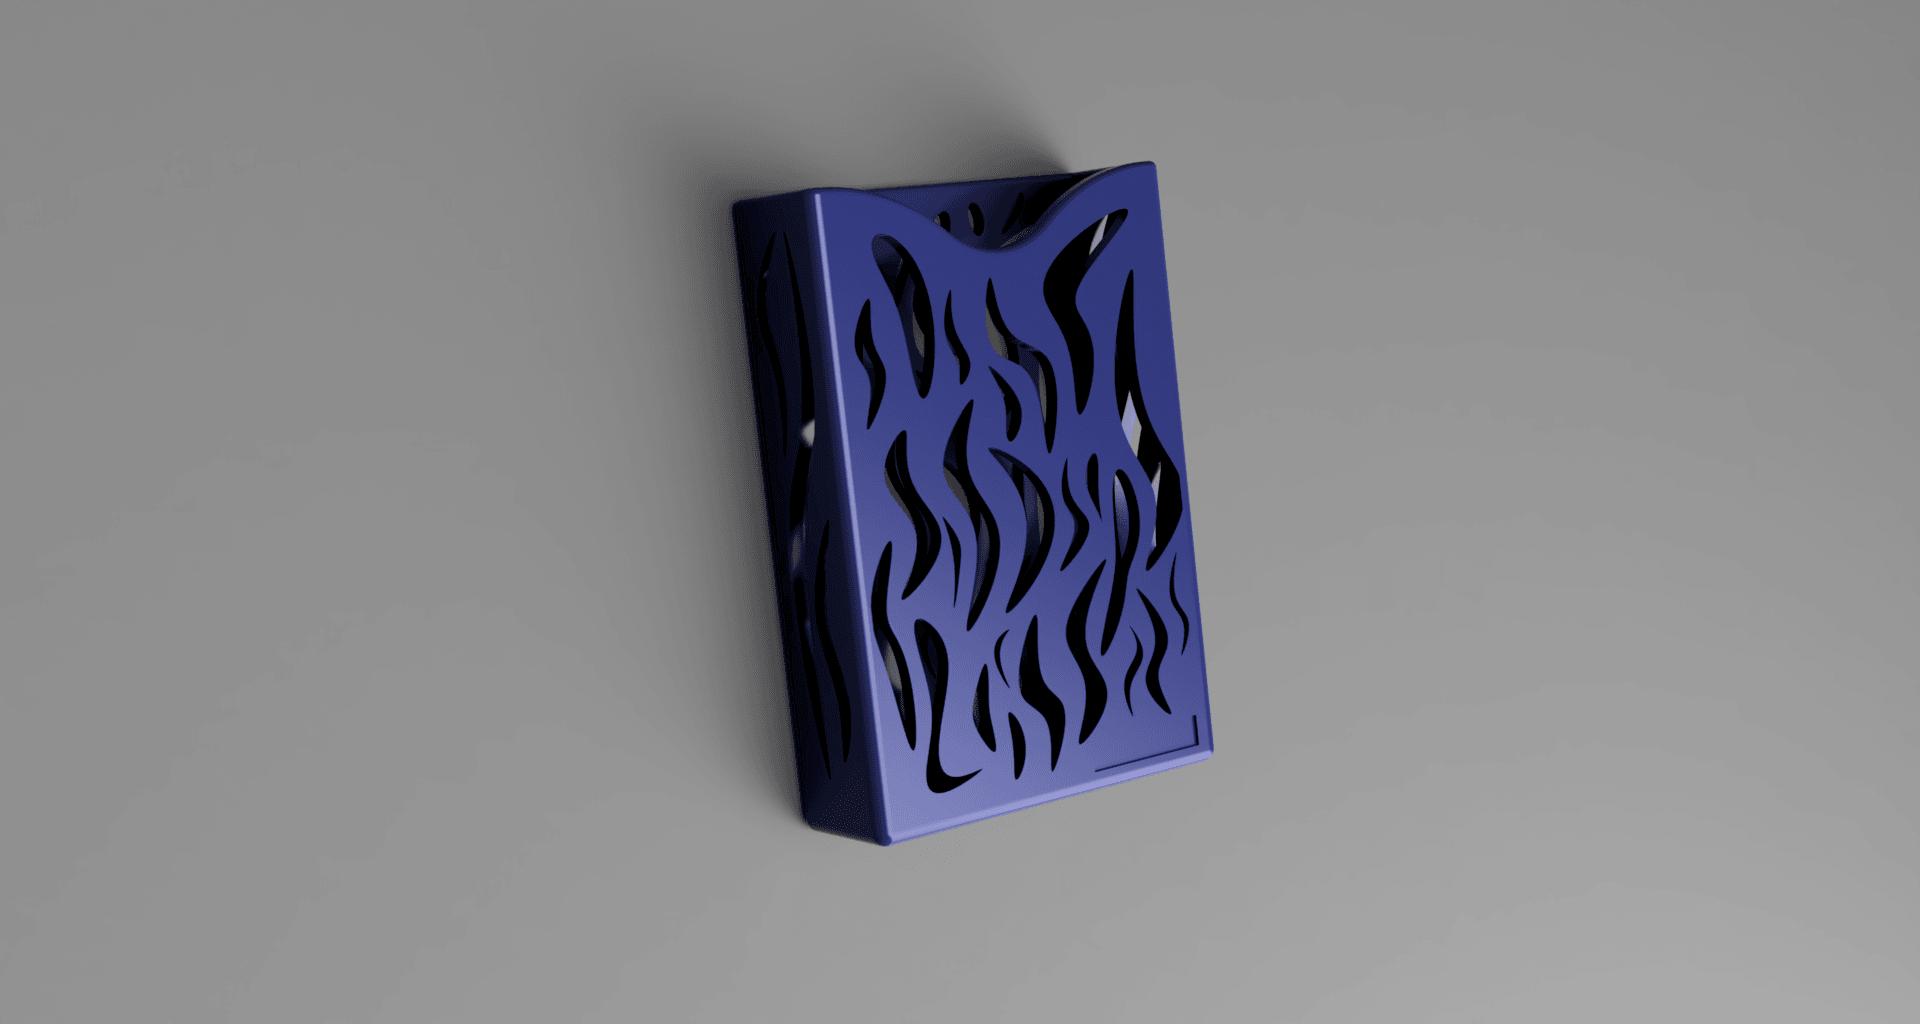 visit card holder (with rectangle for logo).png Download free STL file business card holder for desk • 3D printing model, blandiant